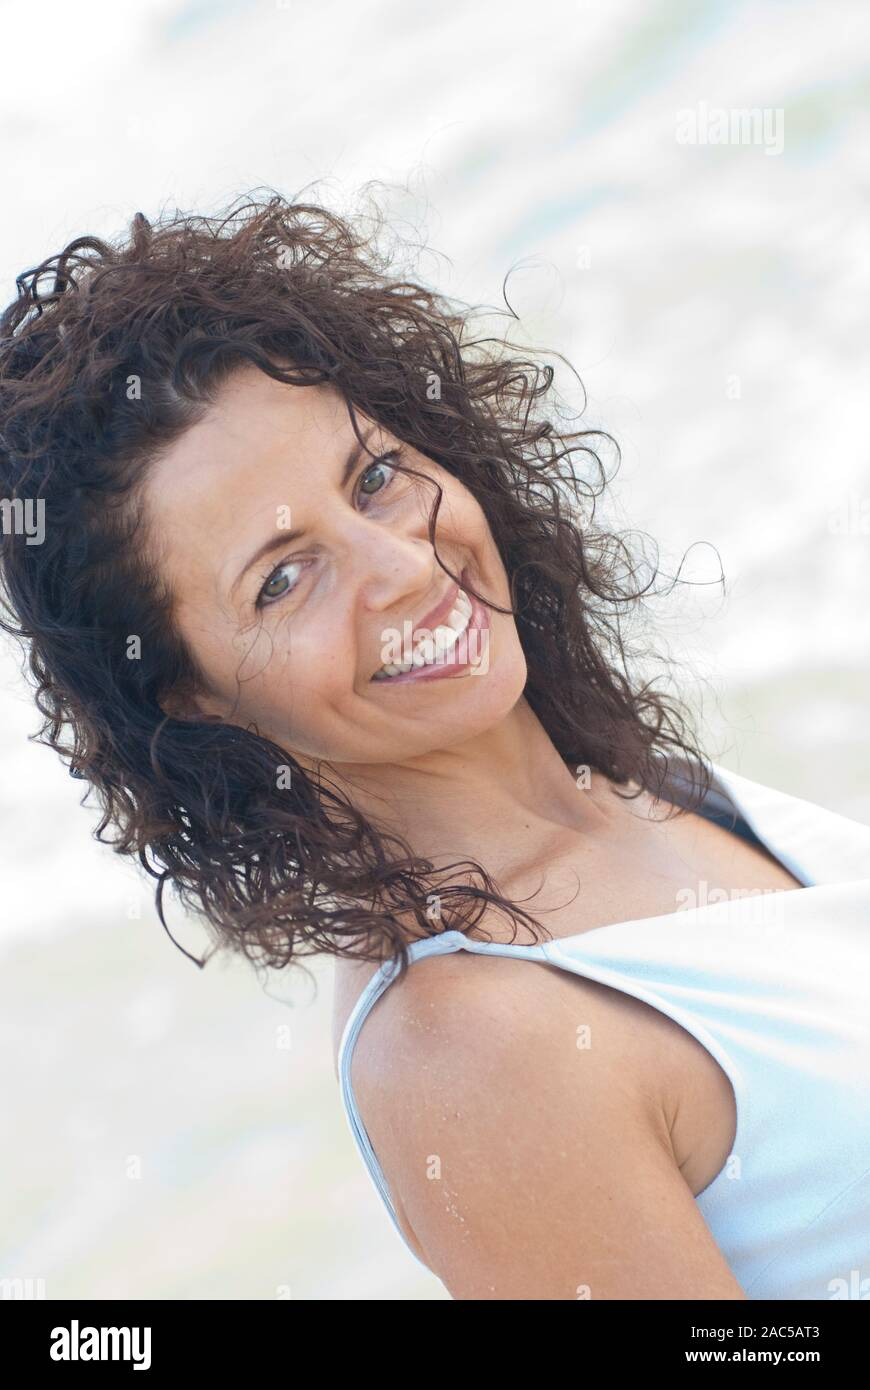 Ritratto preso a Kailua Beach di bellissimi capelli ricci donna in età di 50 indossando soft vestito blu Foto Stock